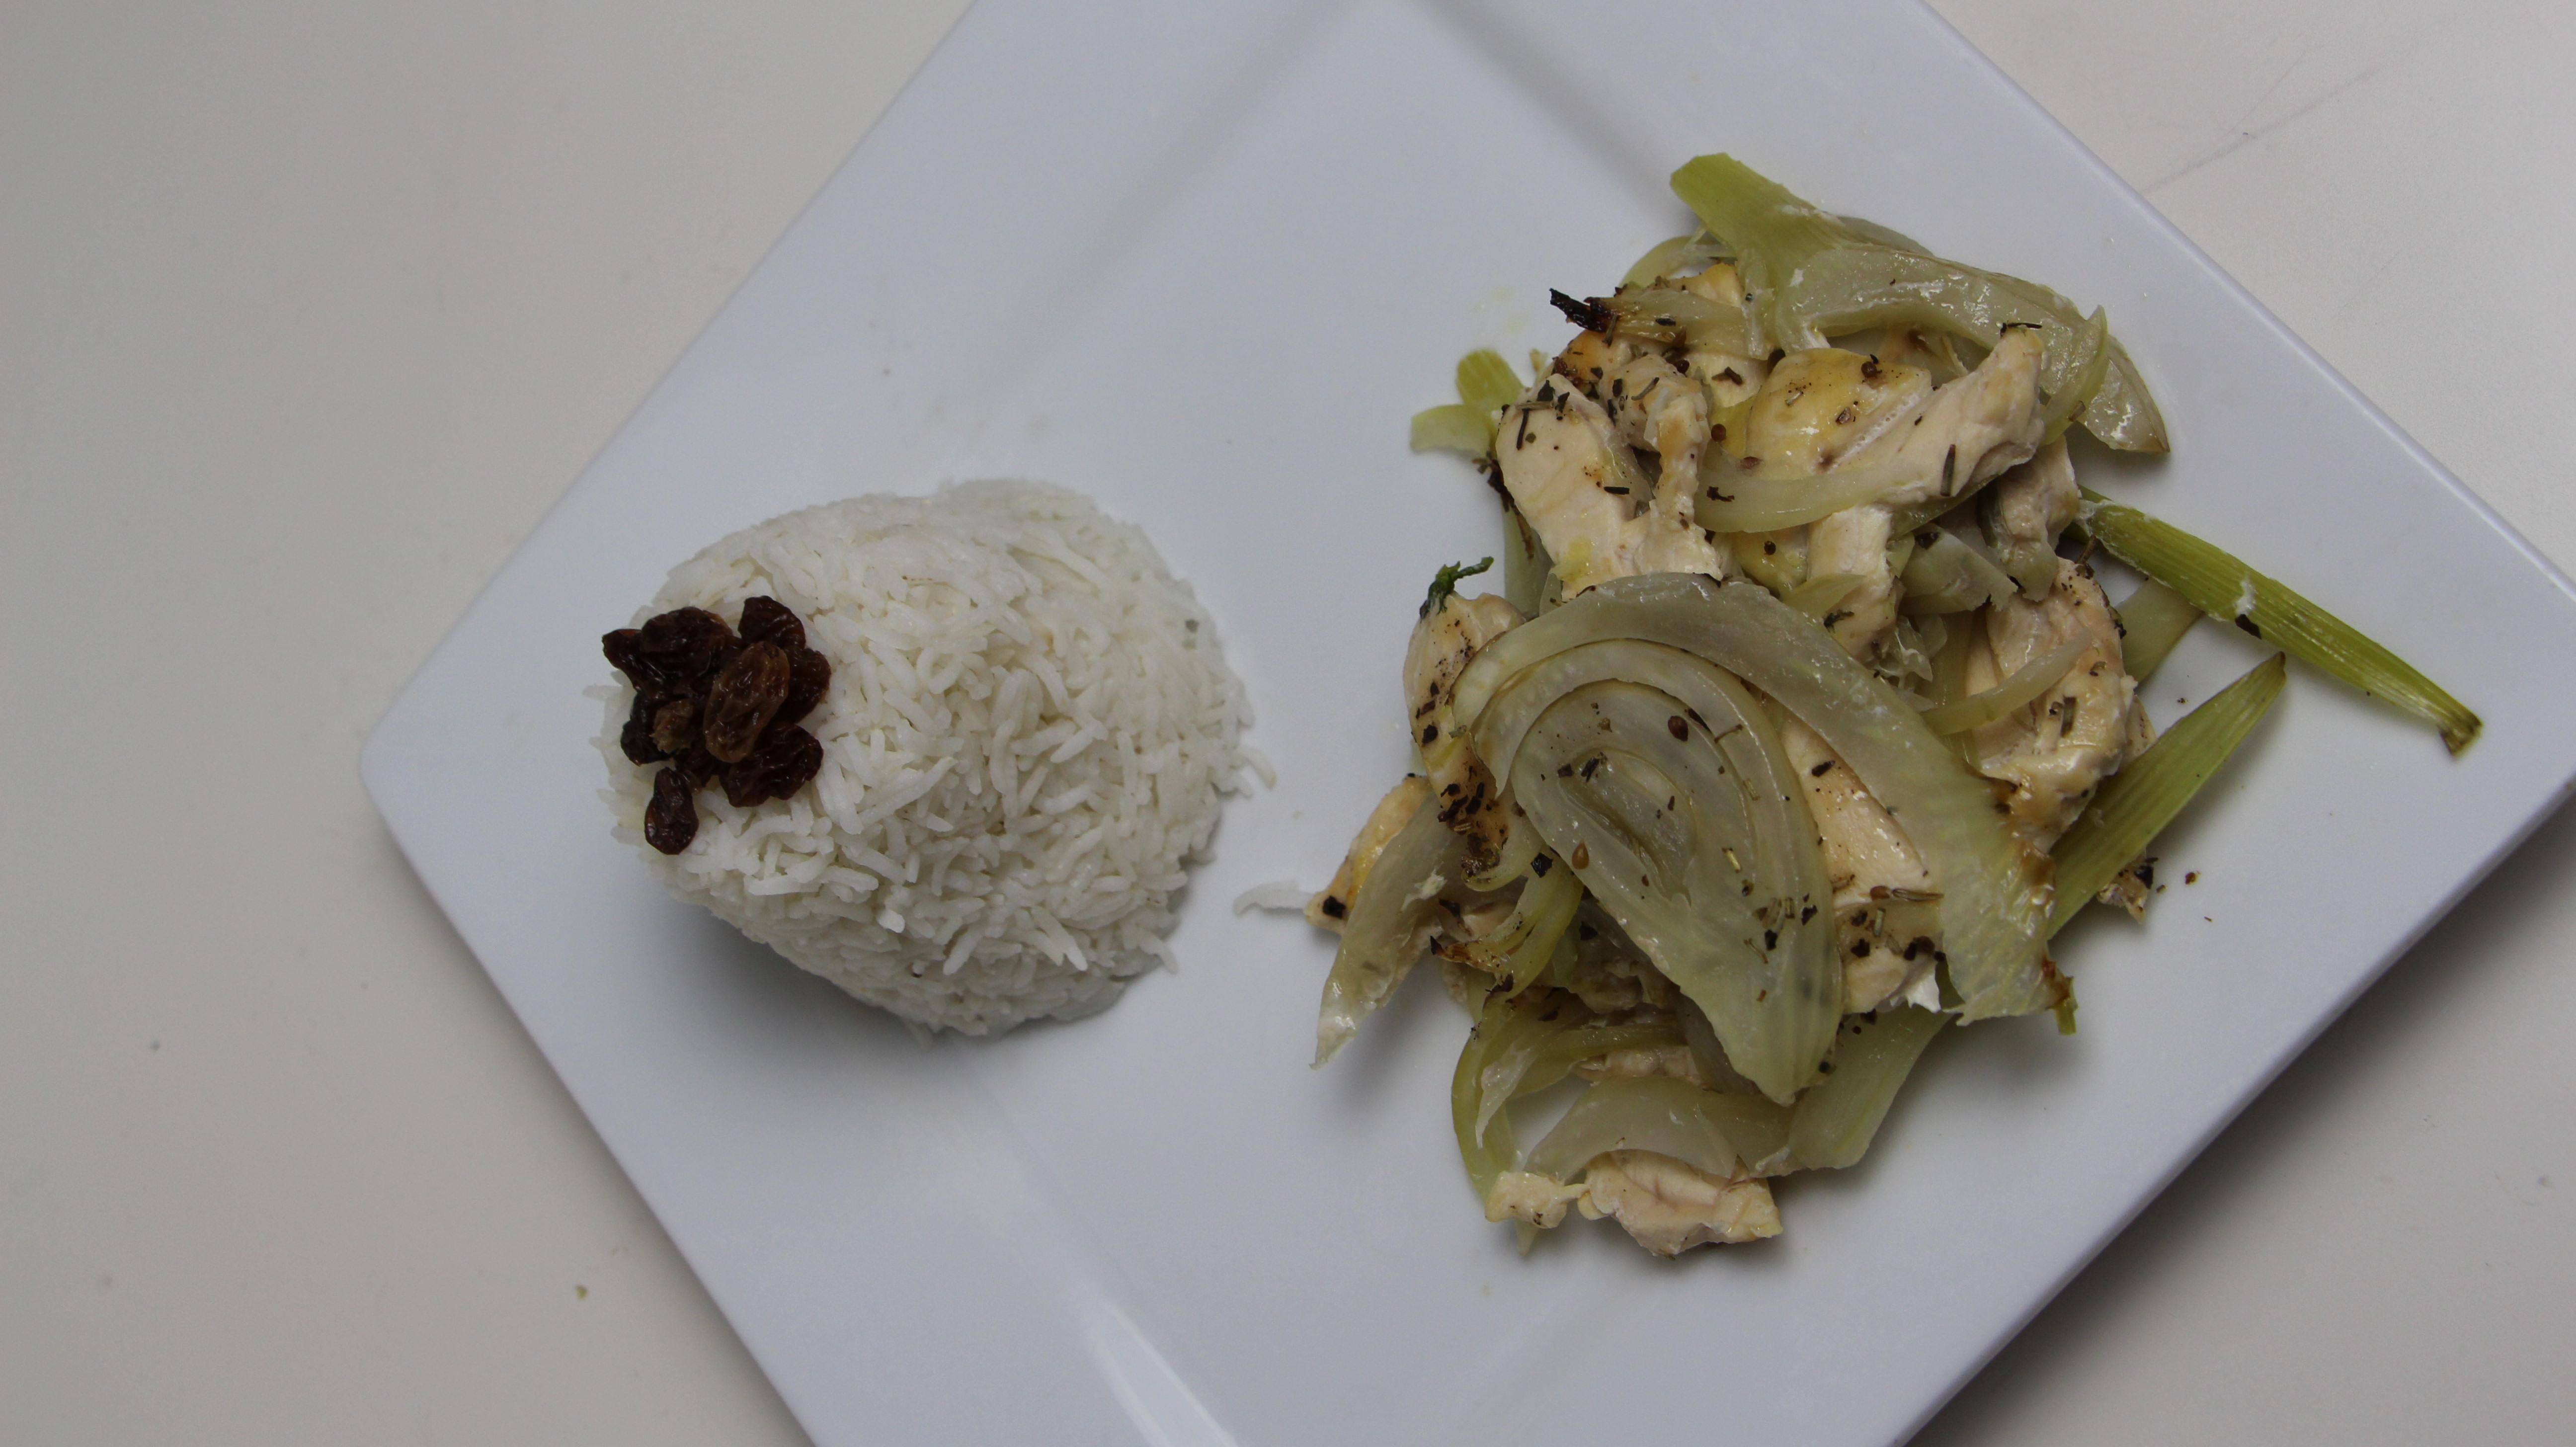 Recette diététique : Poulet anisé au fenouil